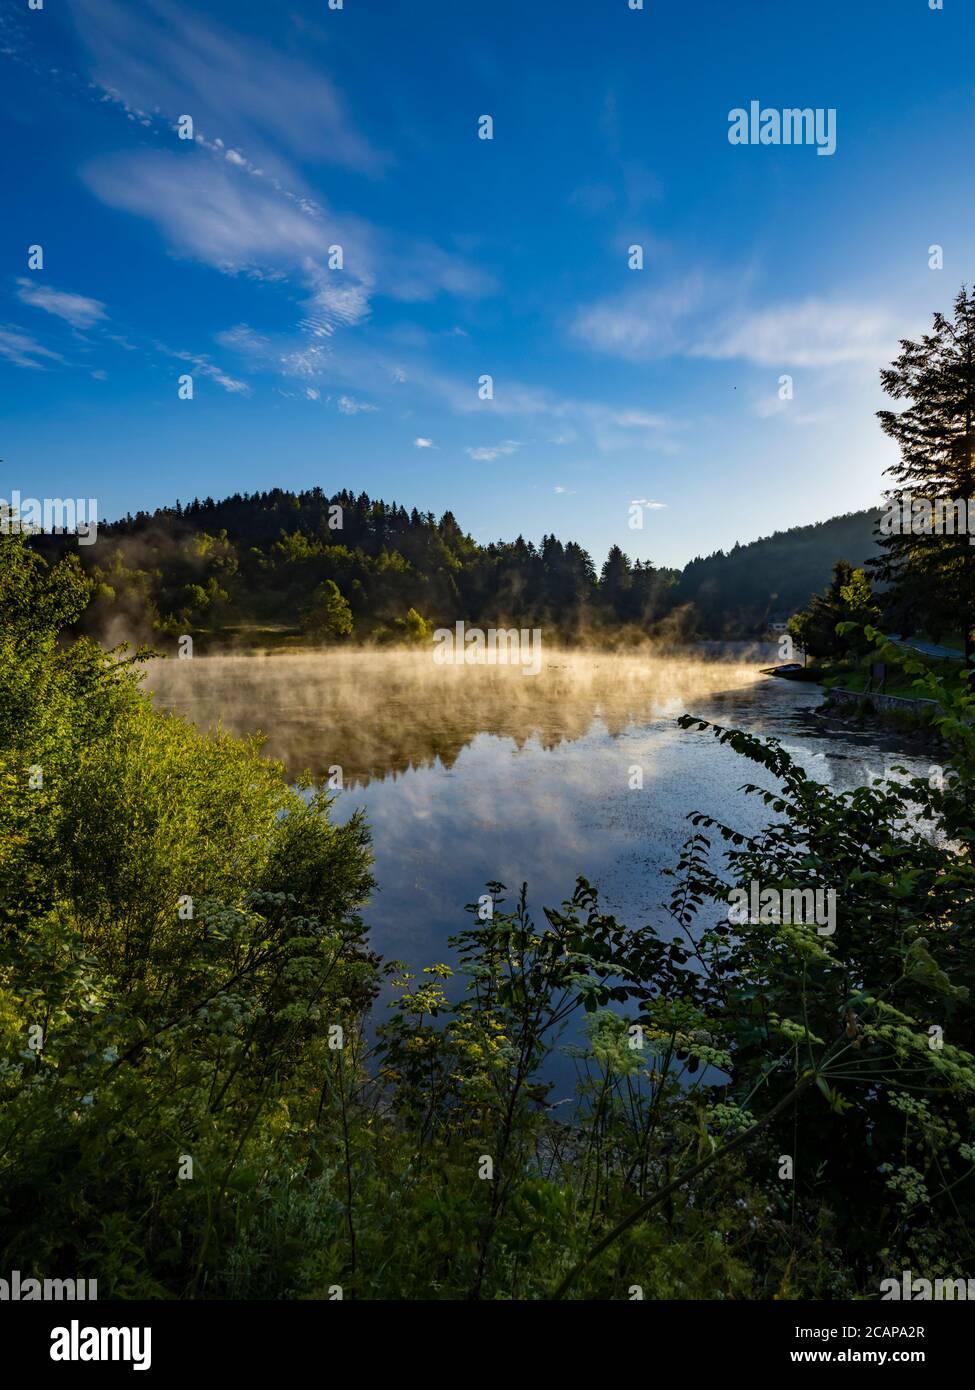 Mattina nebbia luminosa sopra la superficie dell'acqua del lago Mrzla Vodica in Croazia Europa campagna campagna di campagna Foto Stock